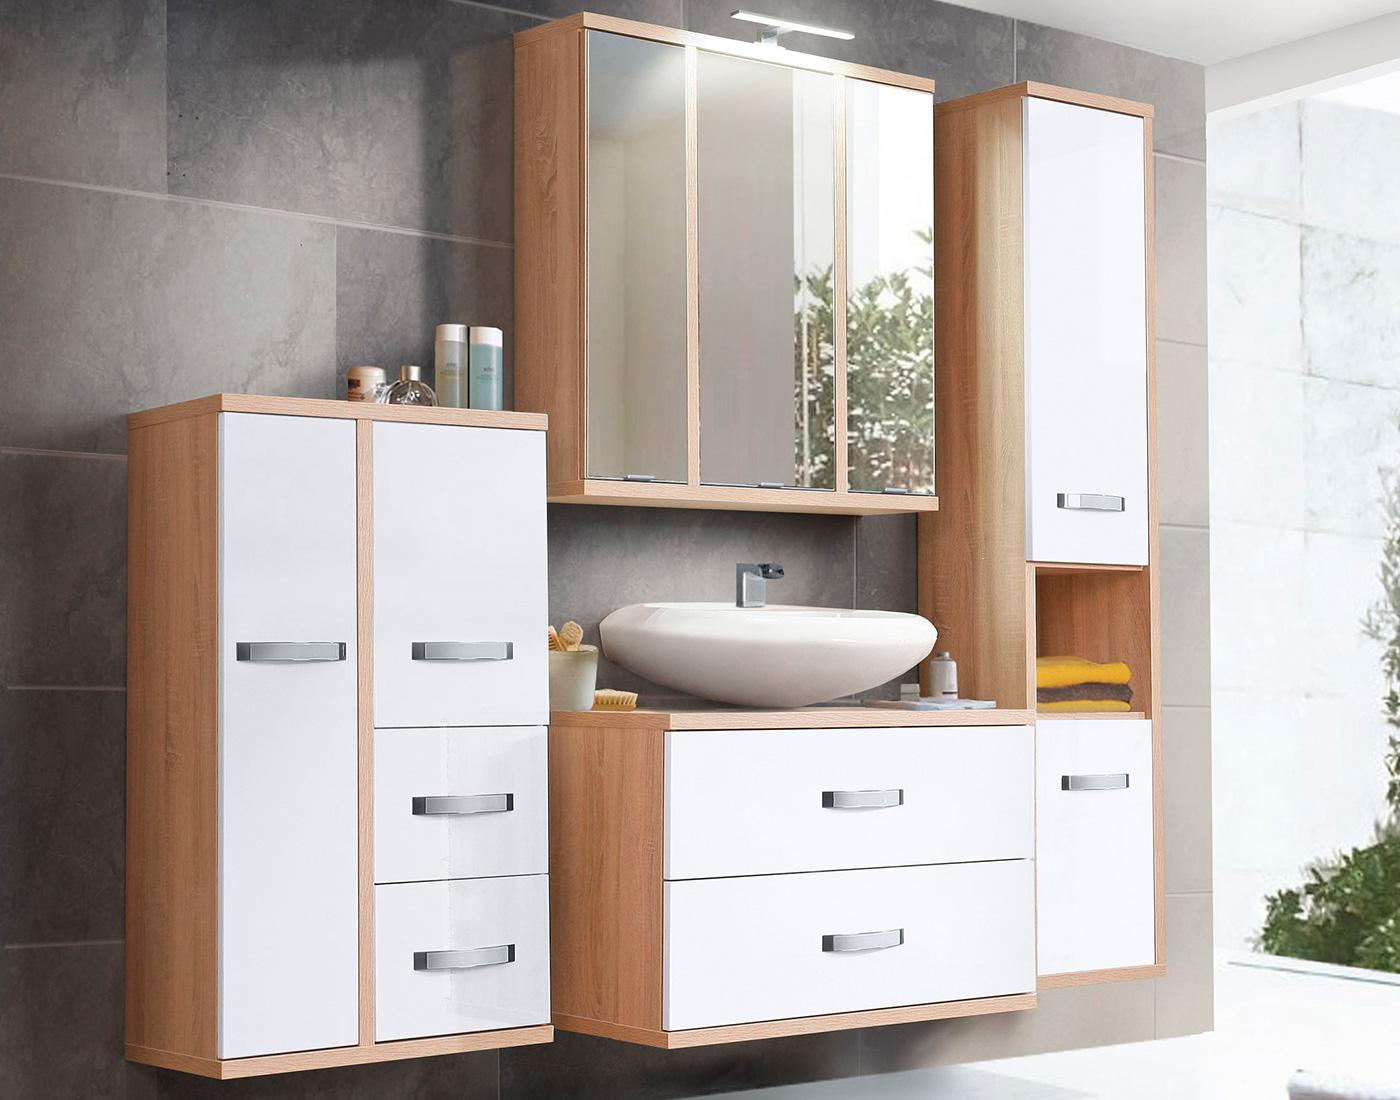 badezimmer m belpiraten. Black Bedroom Furniture Sets. Home Design Ideas